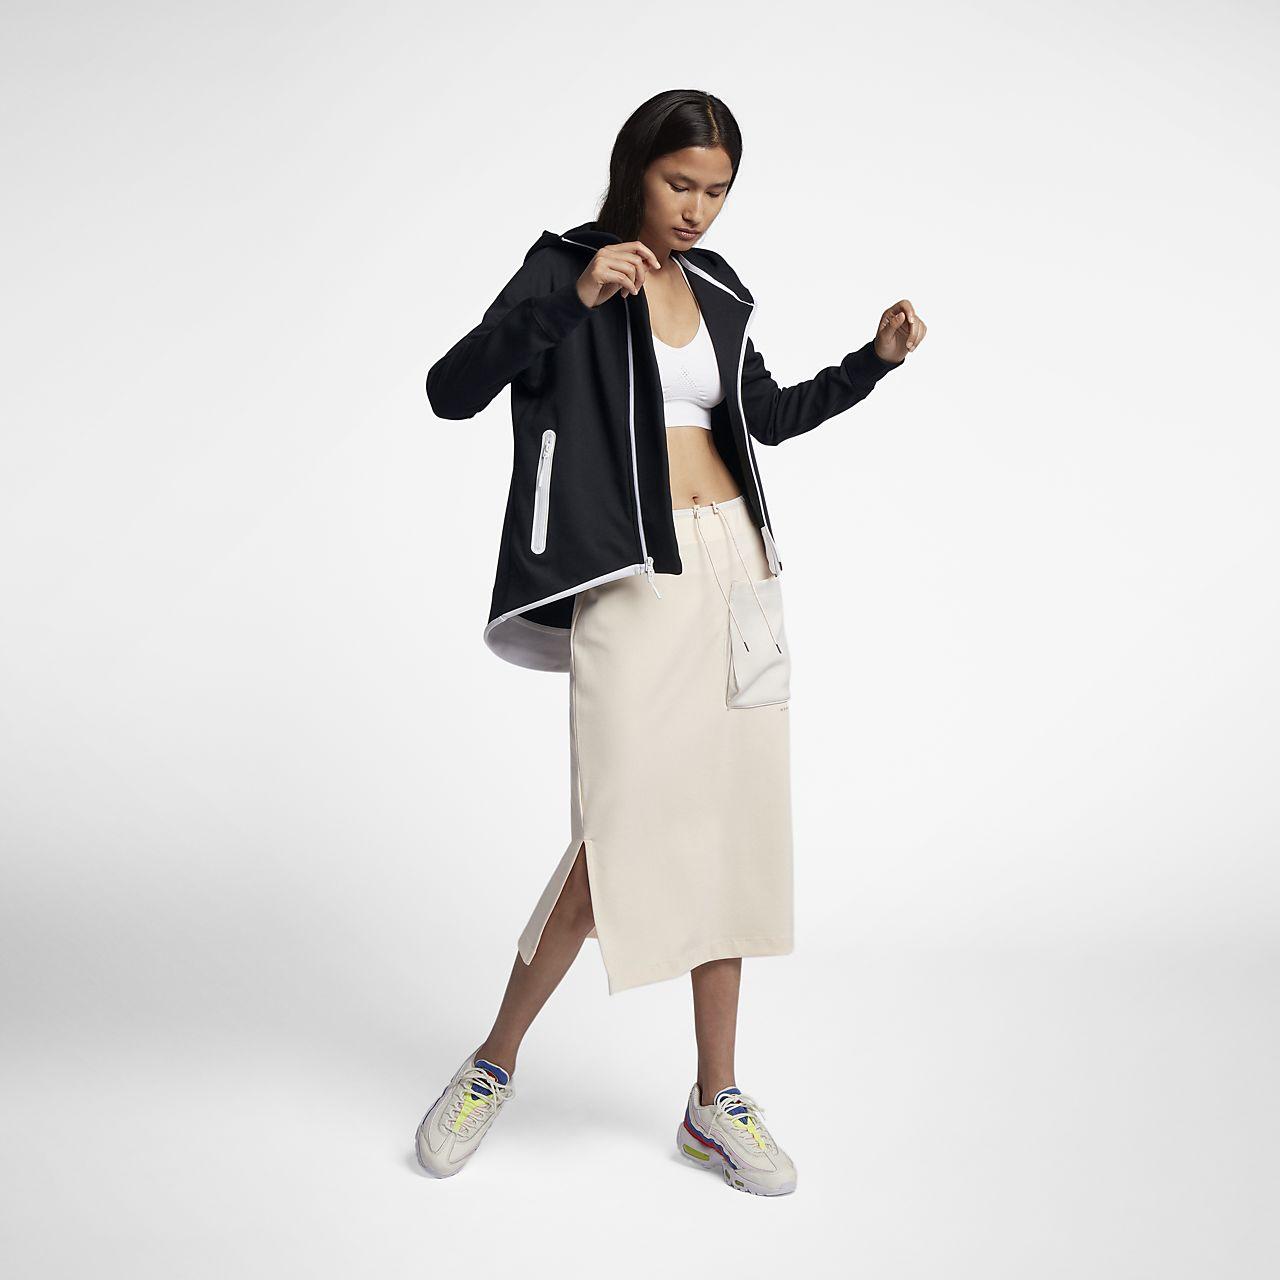 0162ff5a2de7 Nike Sportswear Tech Fleece Women s Full-Zip Cape. Nike.com